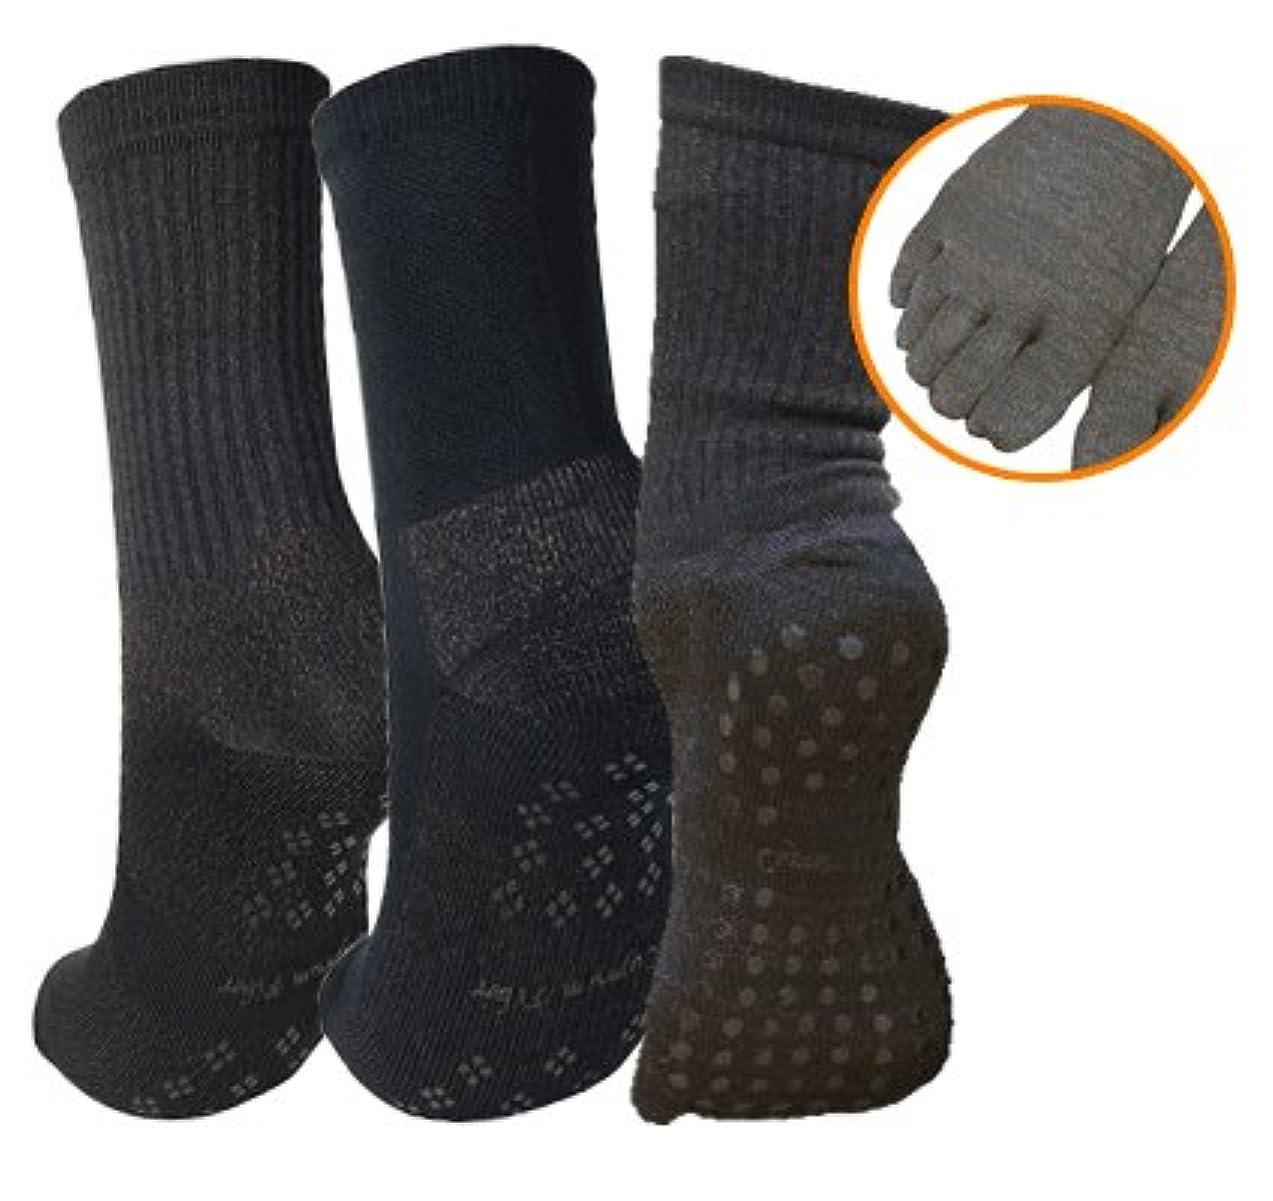 偽シビック安価な銅繊維靴下「足もとはいつも青春」 女性専用お得お試し3点セット 【しもやけ対策に】